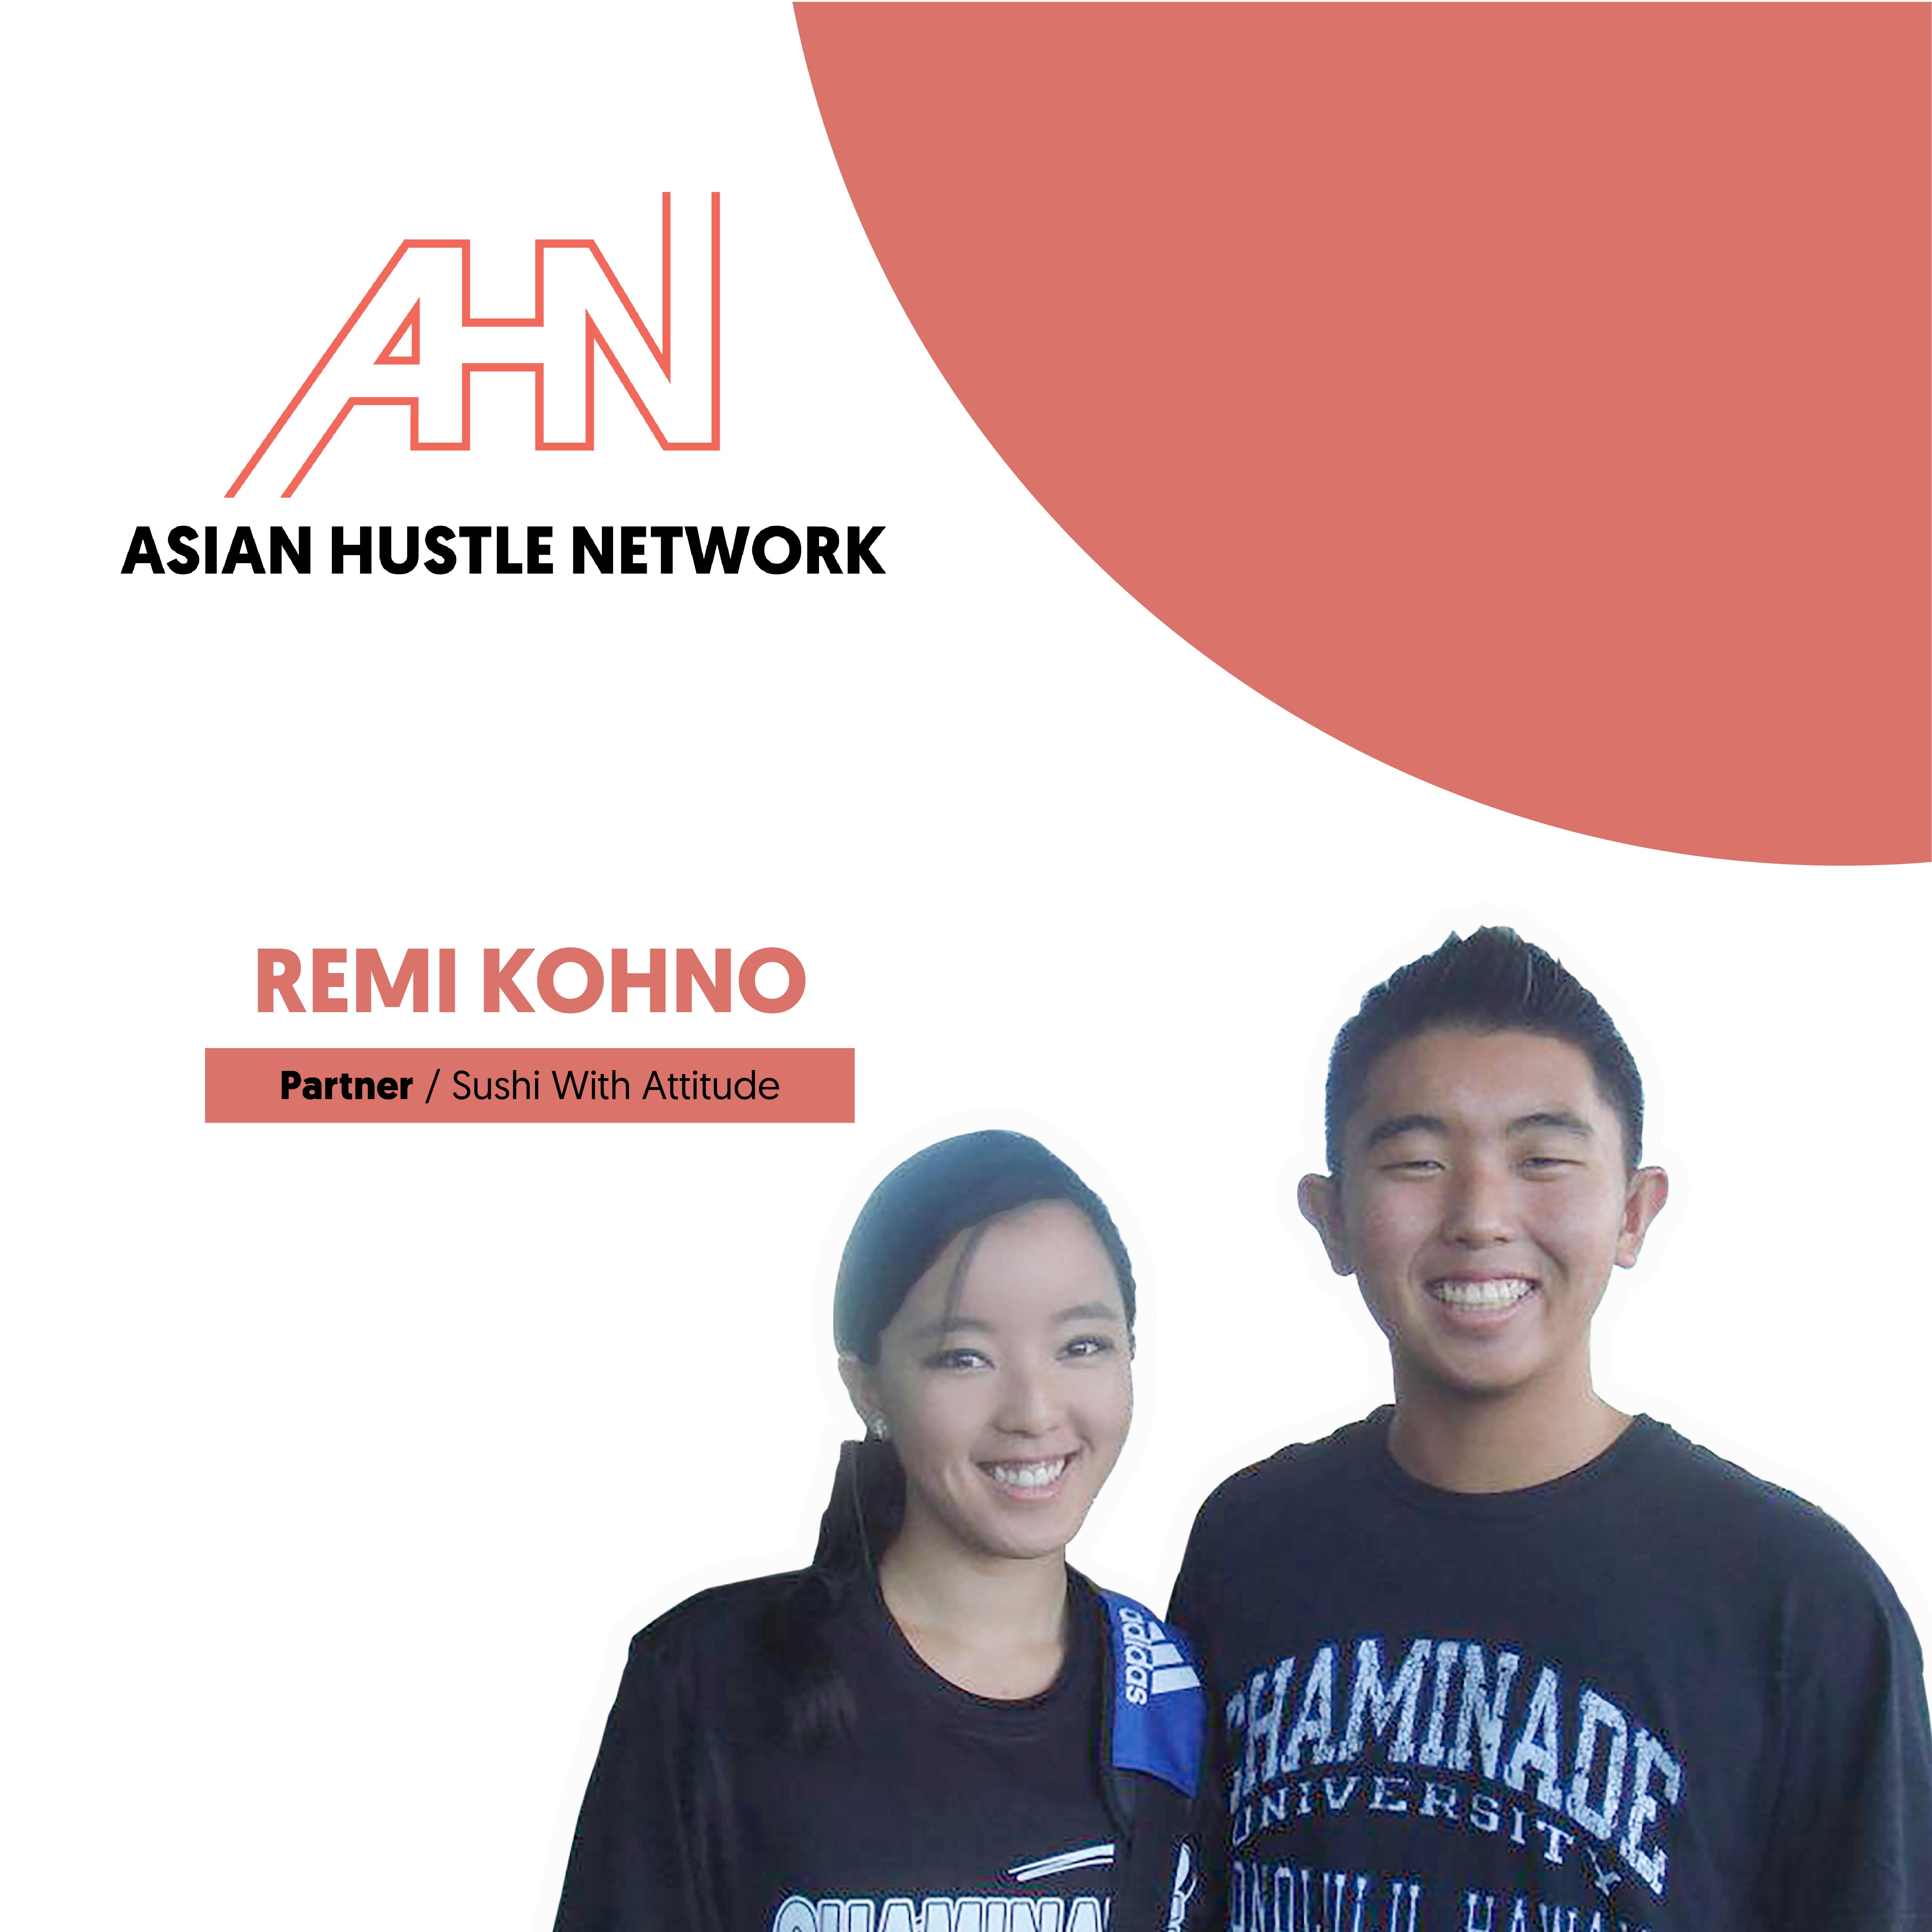 www.asianhustlenetwork.com: Remi Kohno: Creating Attitudes with Sushi